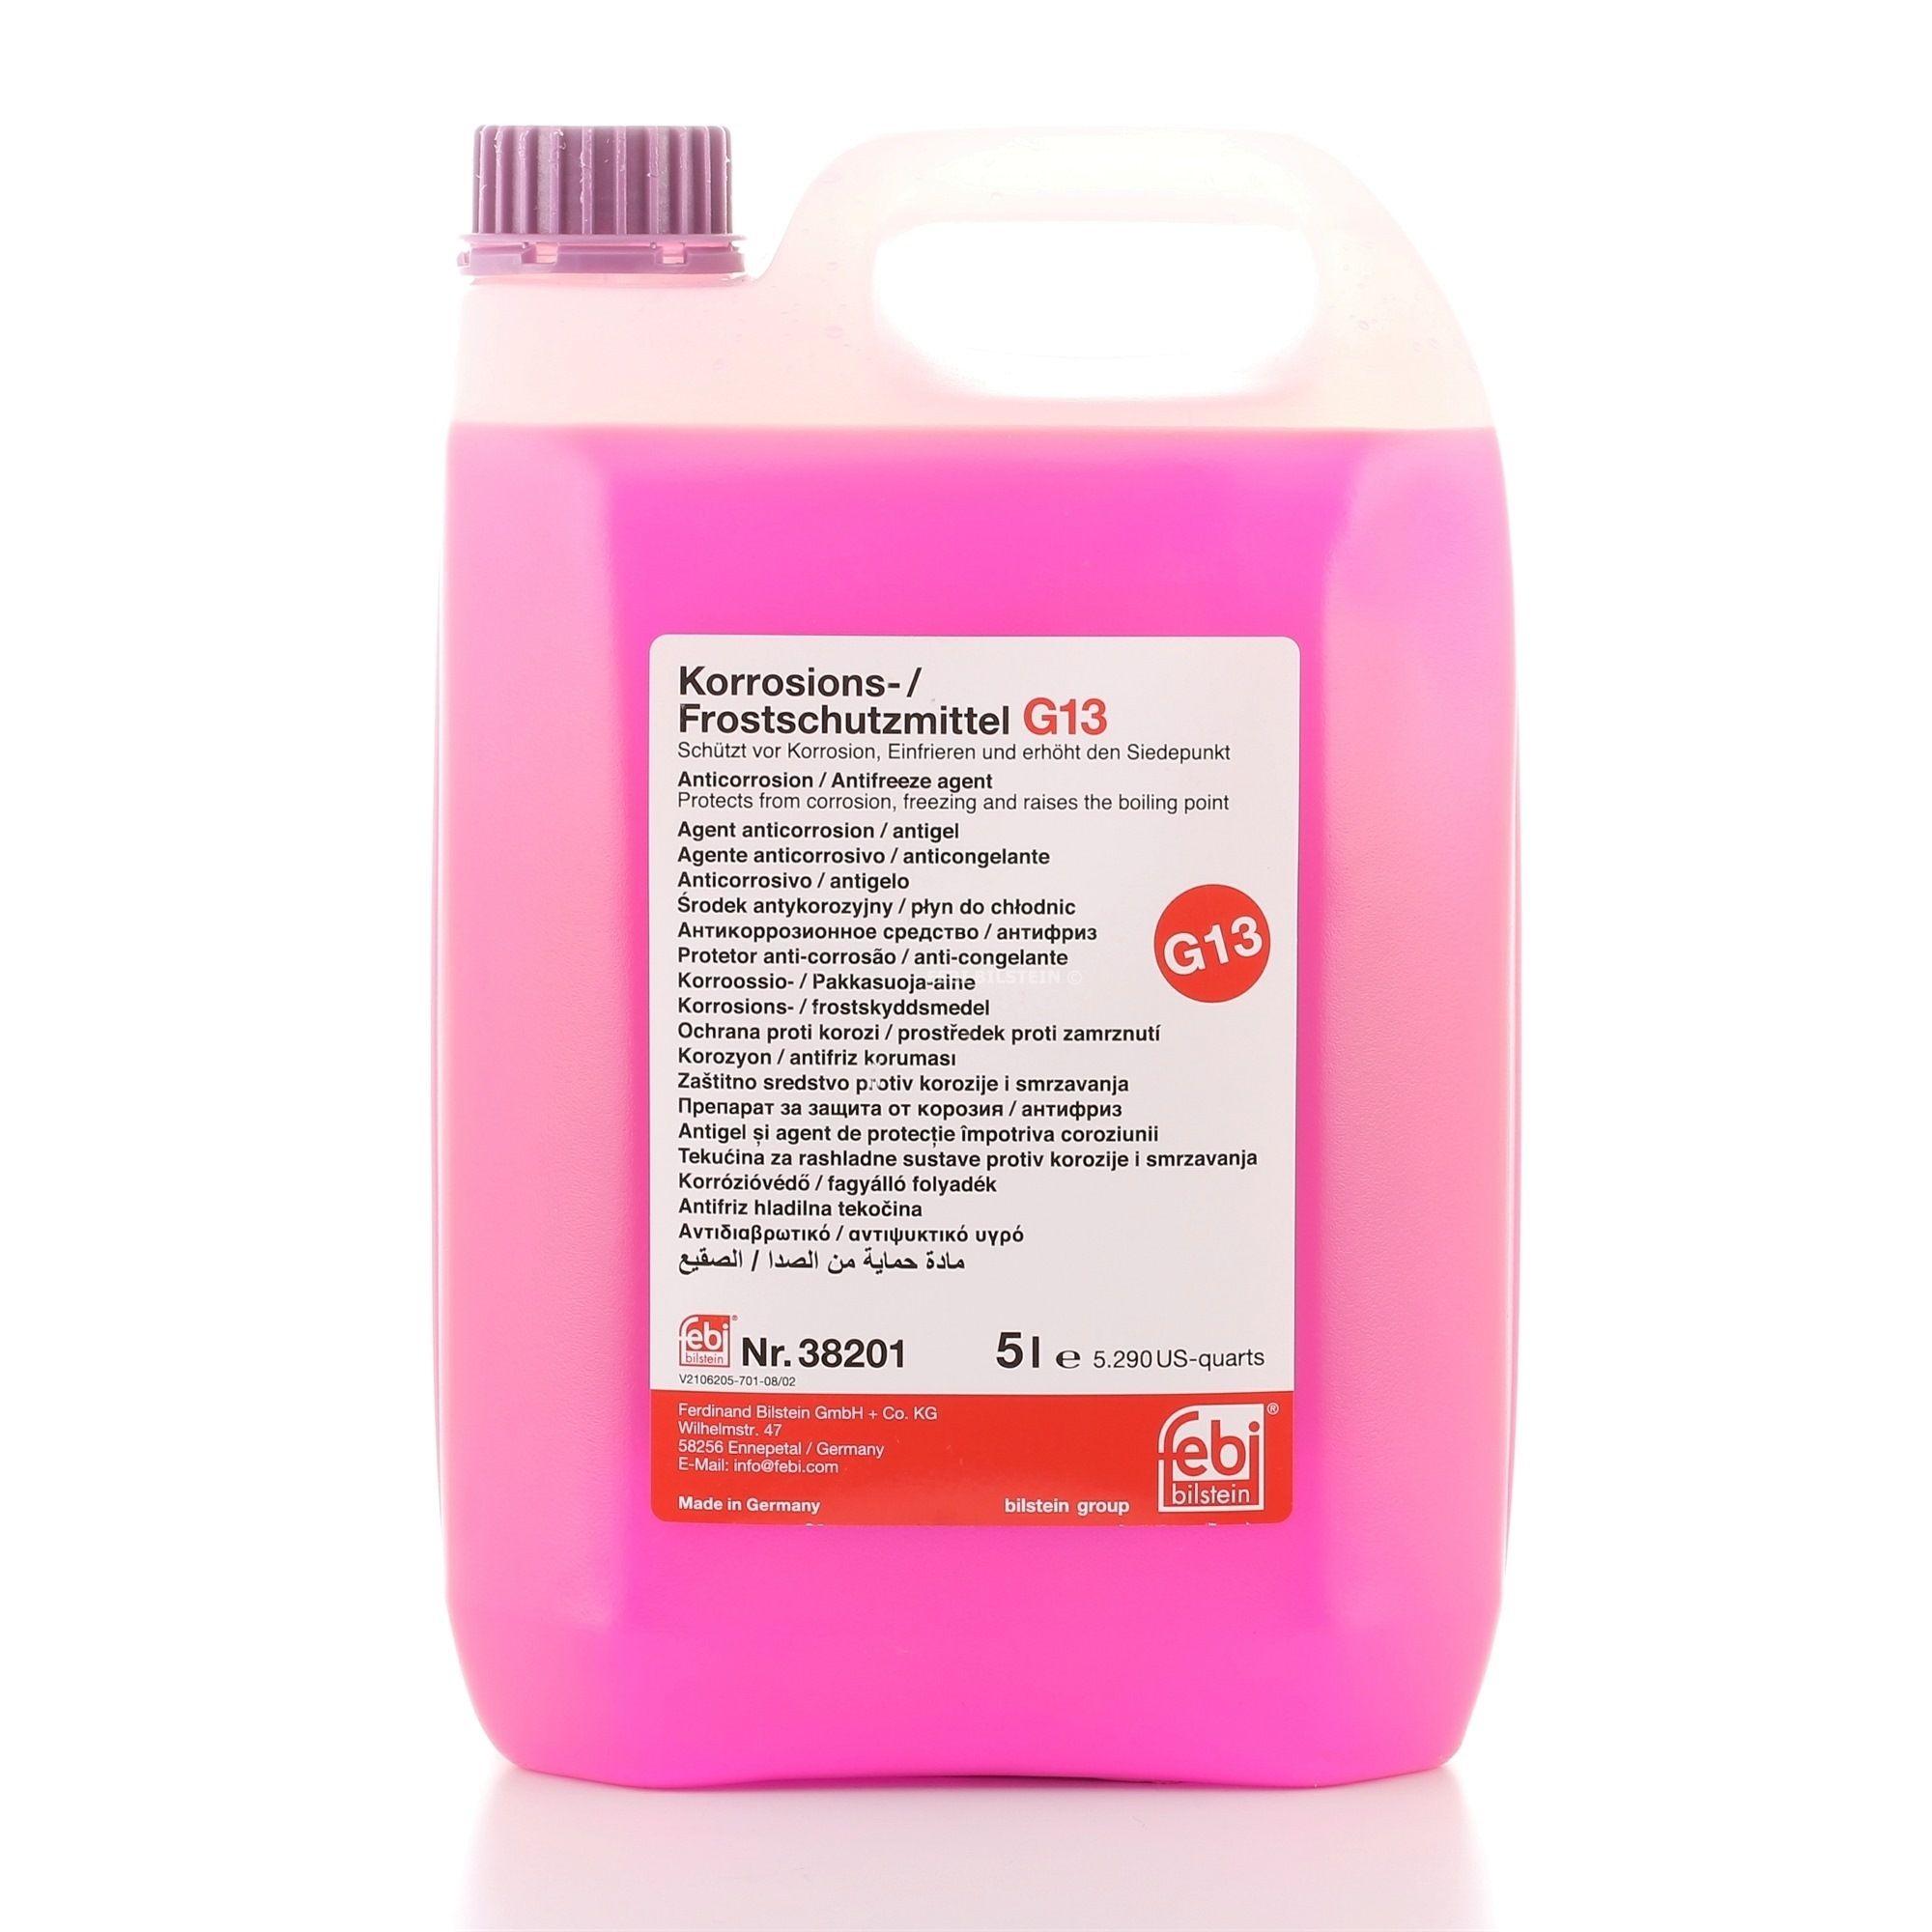 Glykol 38201 som är helt FEBI BILSTEIN otroligt kostnadseffektivt